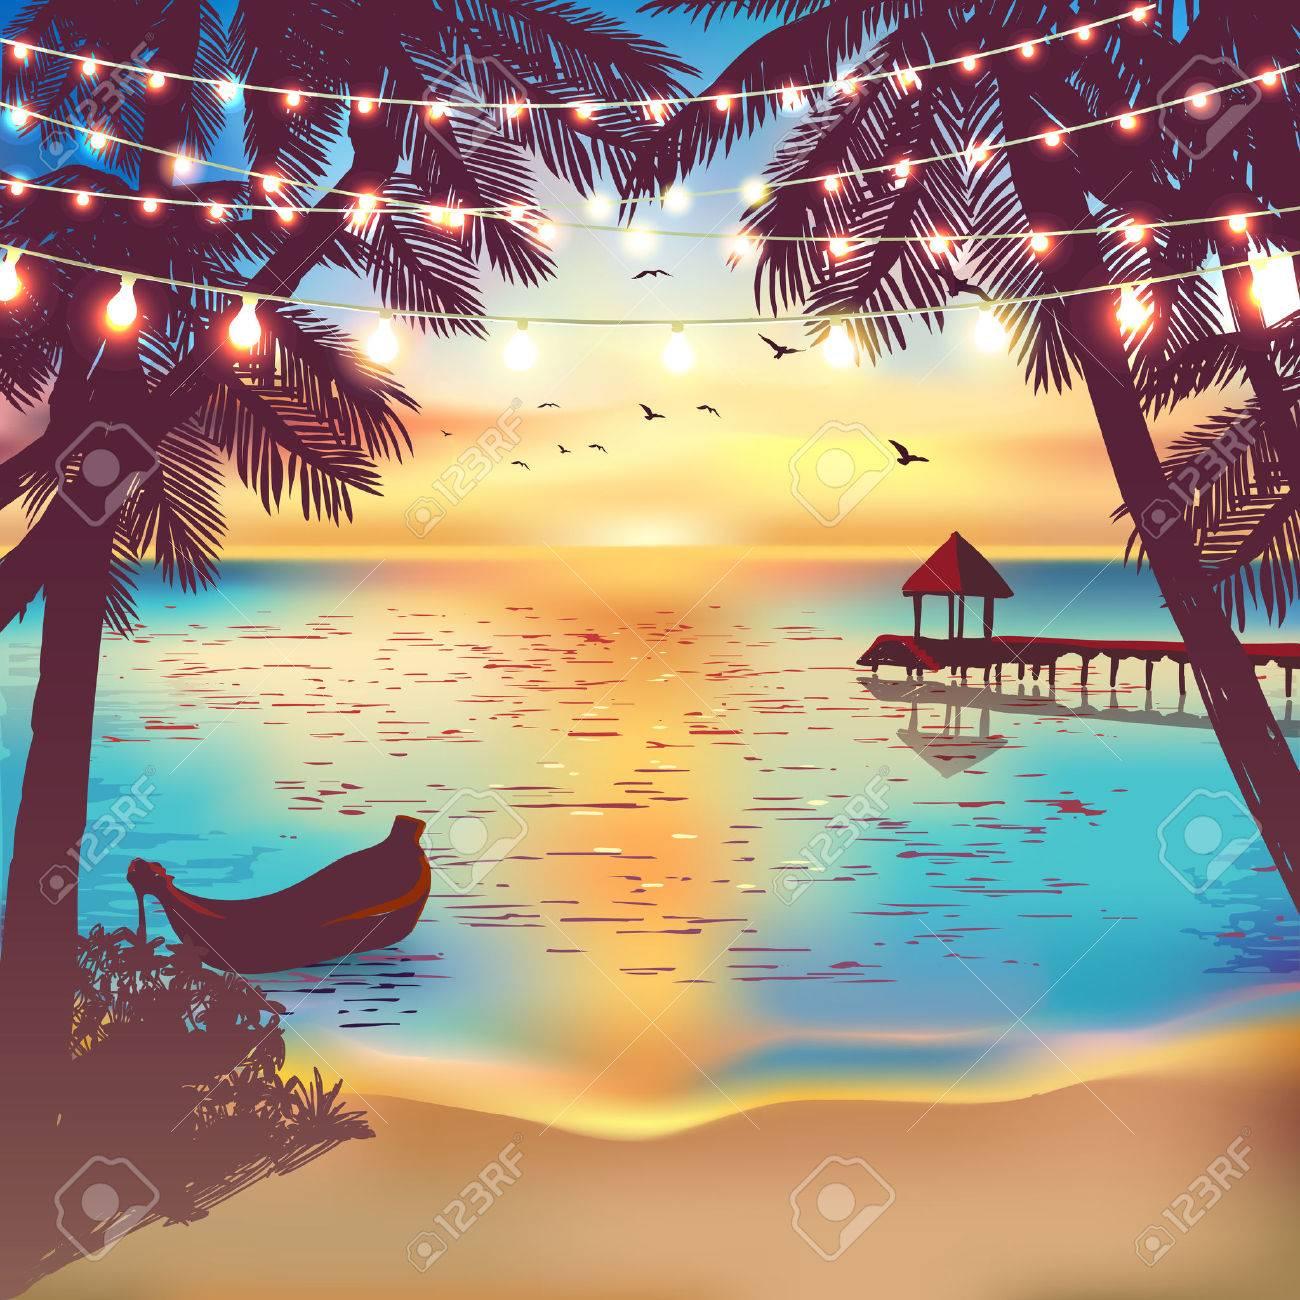 Colgando Las Luces Navideñas De Decoración Para Una Fiesta En La Playa Tarjeta De Inspiración Para La Boda Fecha Cumpleaños Invitación De La